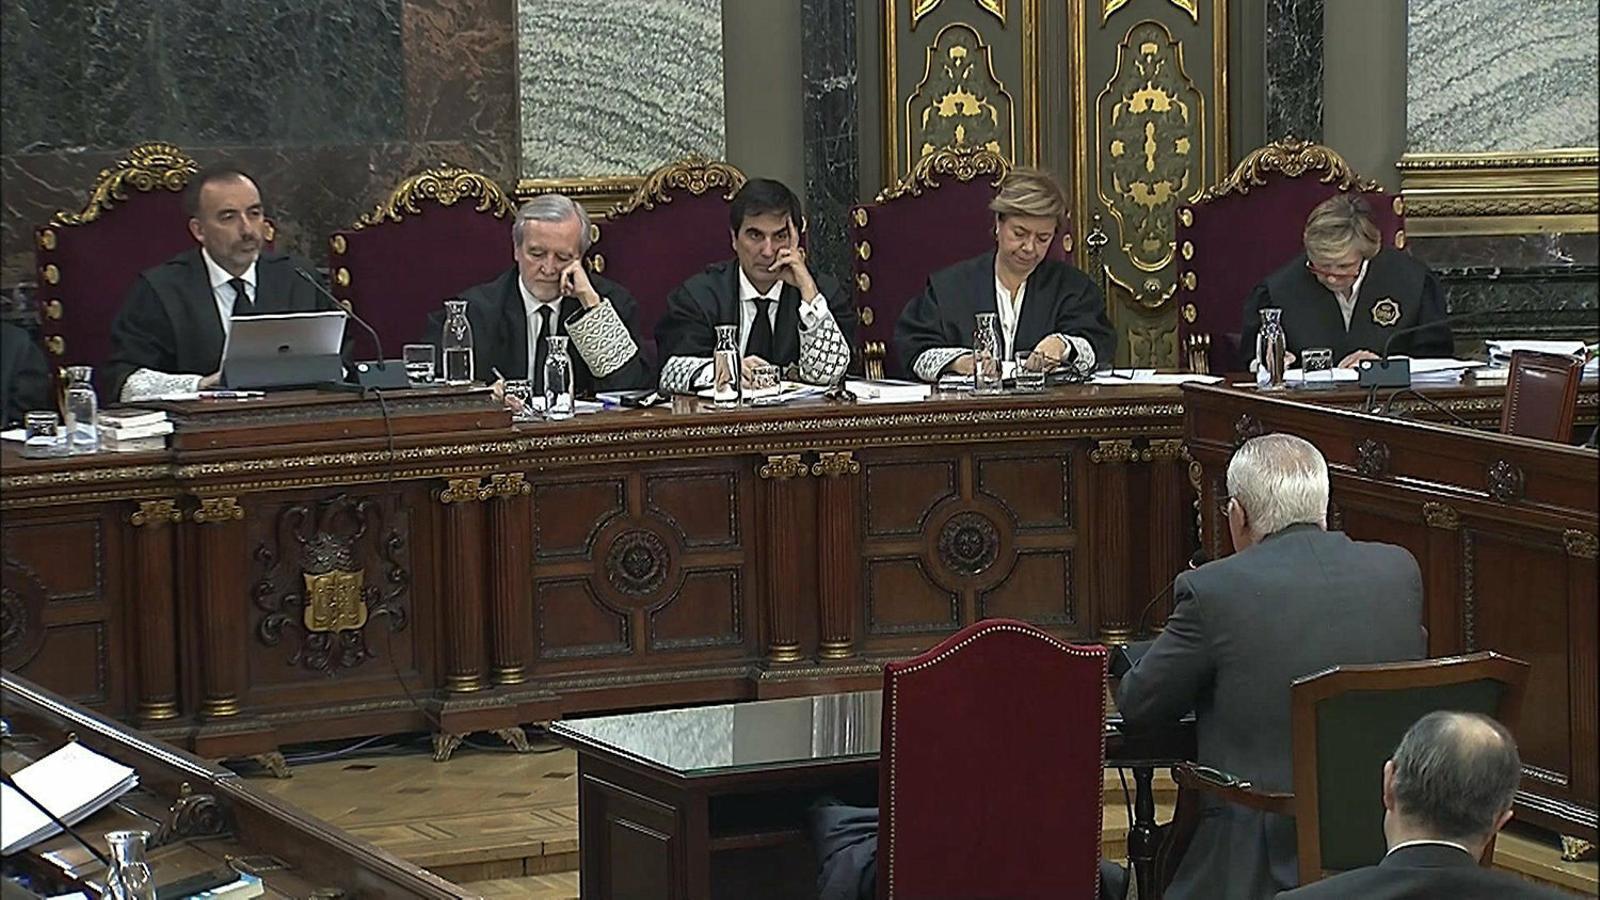 Per què Melero ha tallat l'interrogatori a Trapero i Marchena ha suspès la sessió per deliberar?